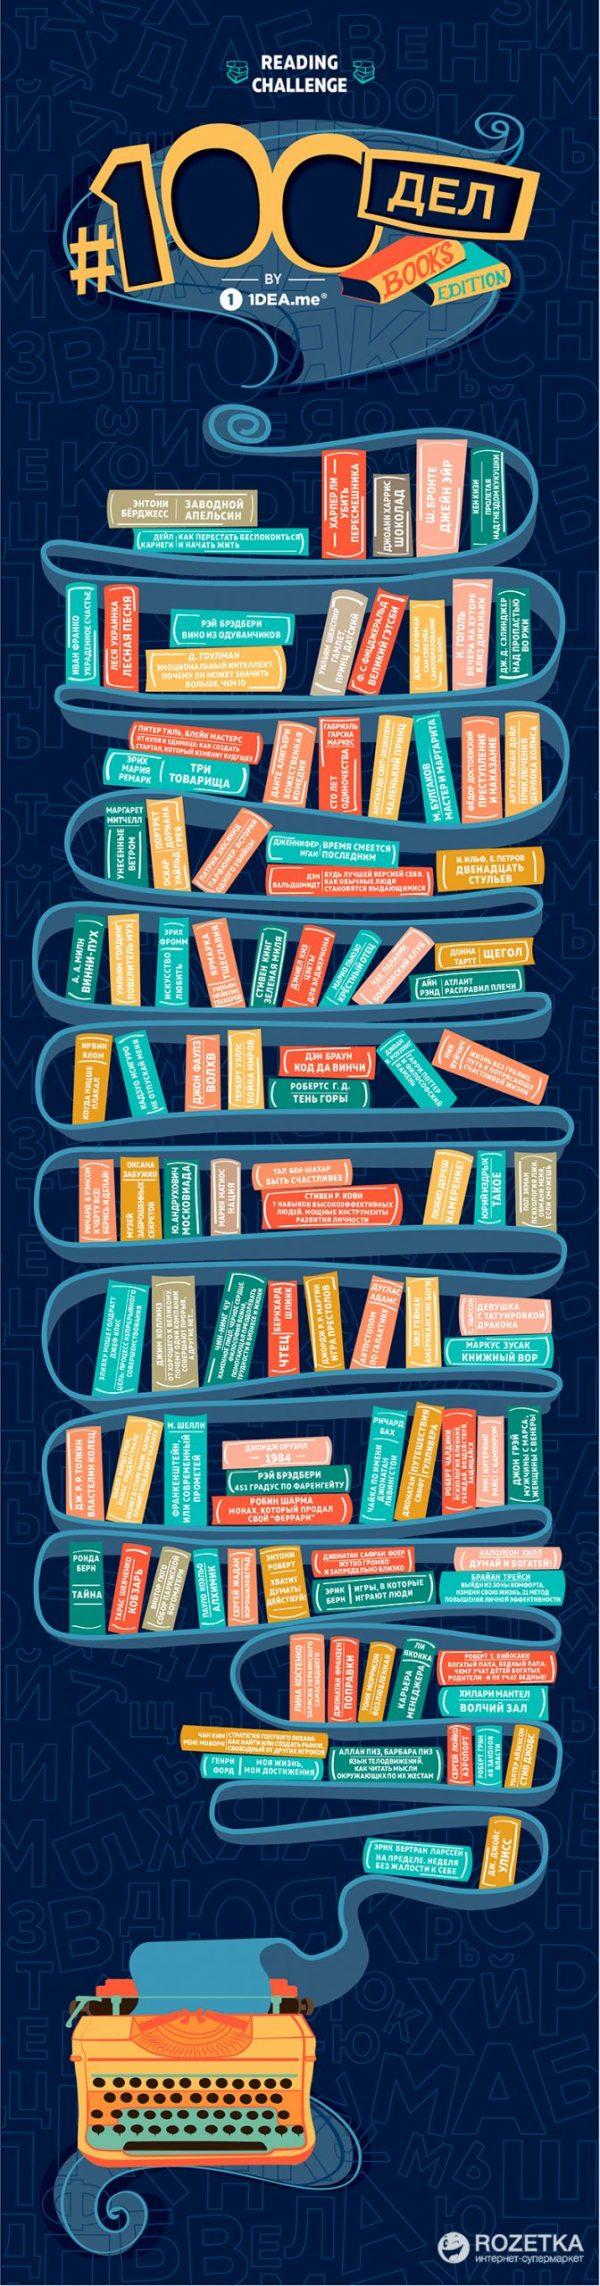 Скретч-постер 1DEA.me «100 Дел Books Edition»